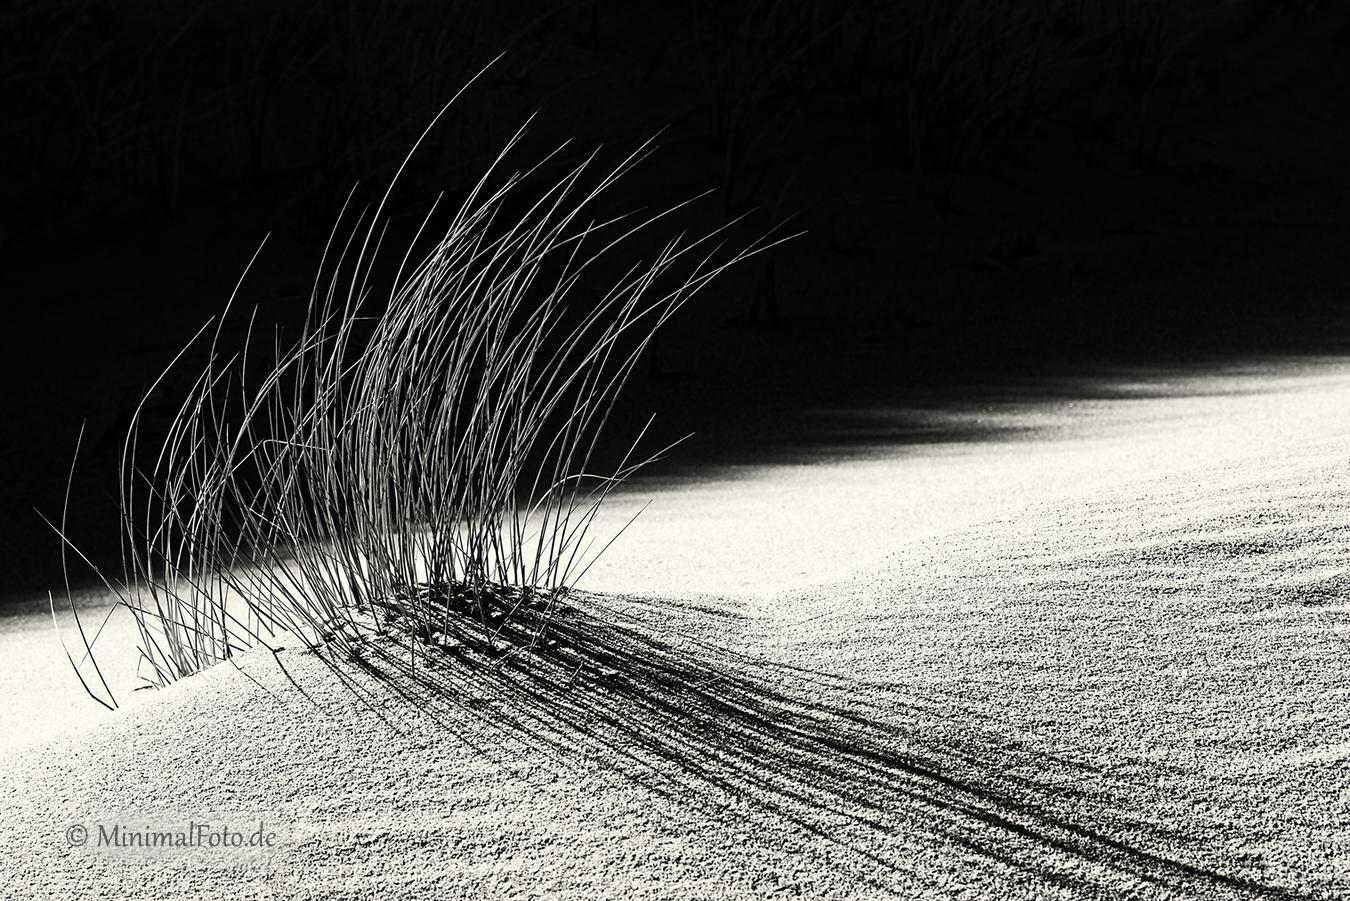 Minimalismus-minimalistisch-minimalistic-black-white-schwarz-weiss-D-Sylt-A_NIK500_2473-sw